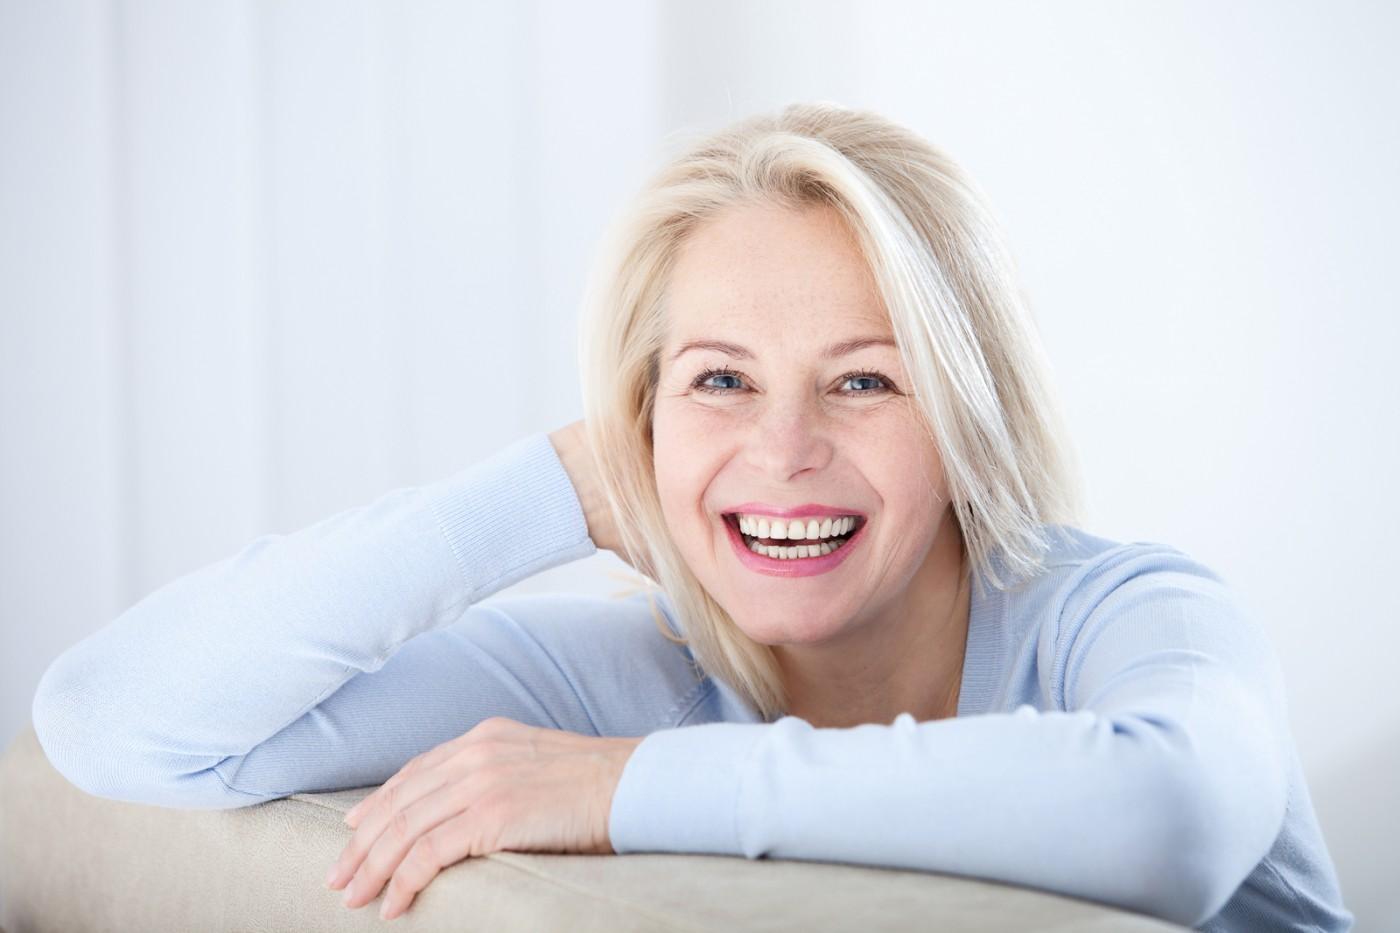 Ce poți face pentru a crește durata de viață a unui implant?